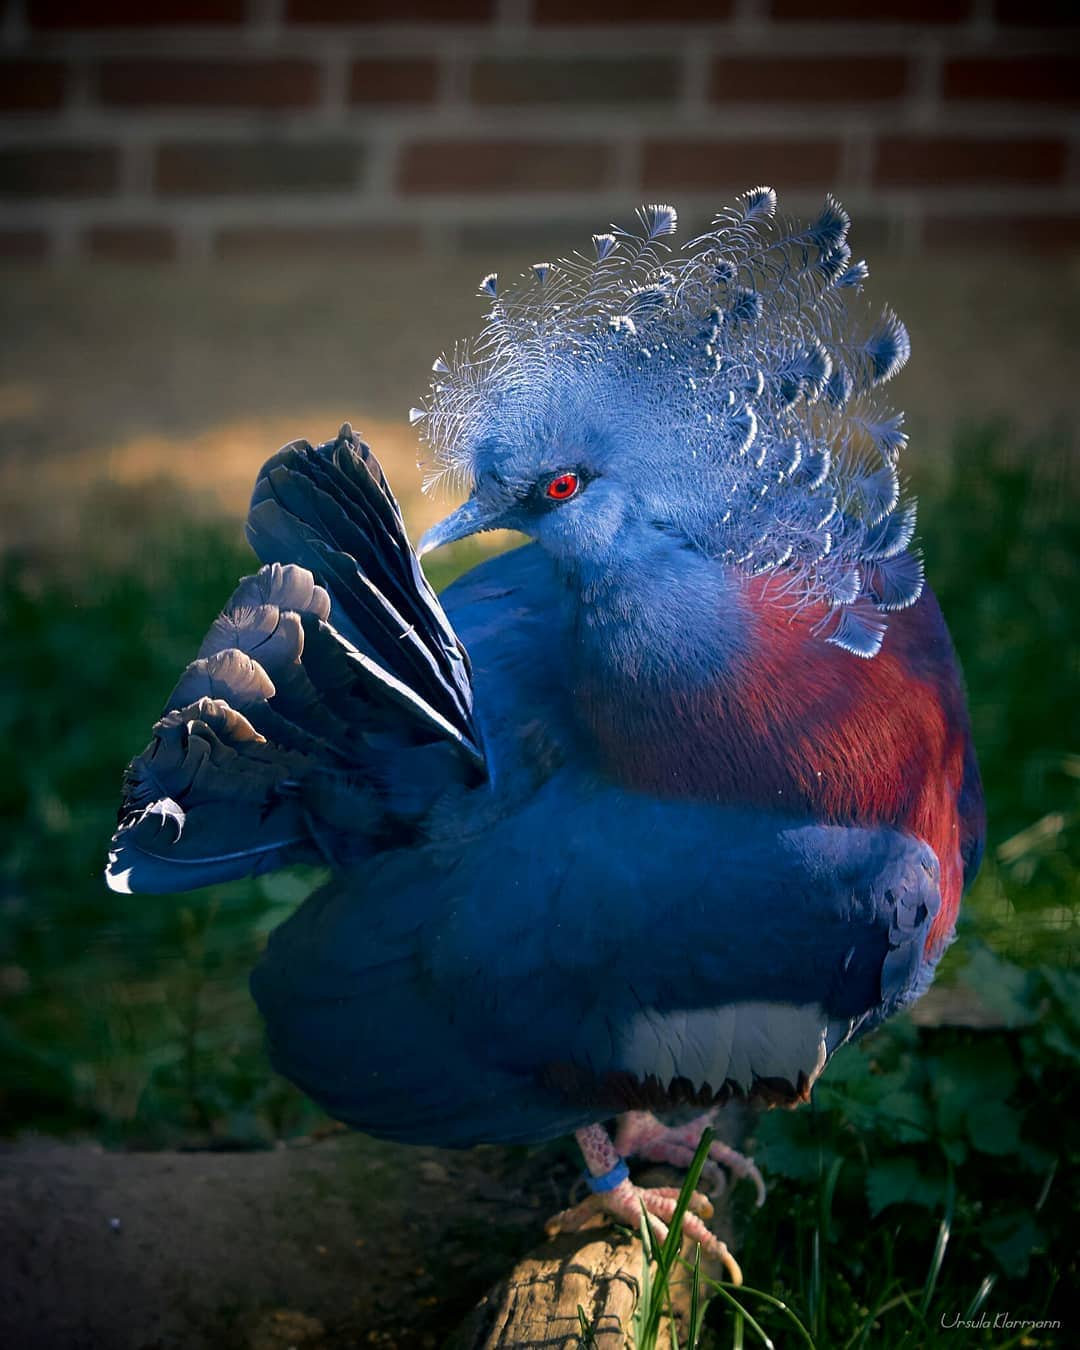 1565595570 3264cb65f5cffca2a03e35114b3bff89 - Эта птица с синим хохолком доказала, что голуби могут потягаться по красоте даже с павлинами